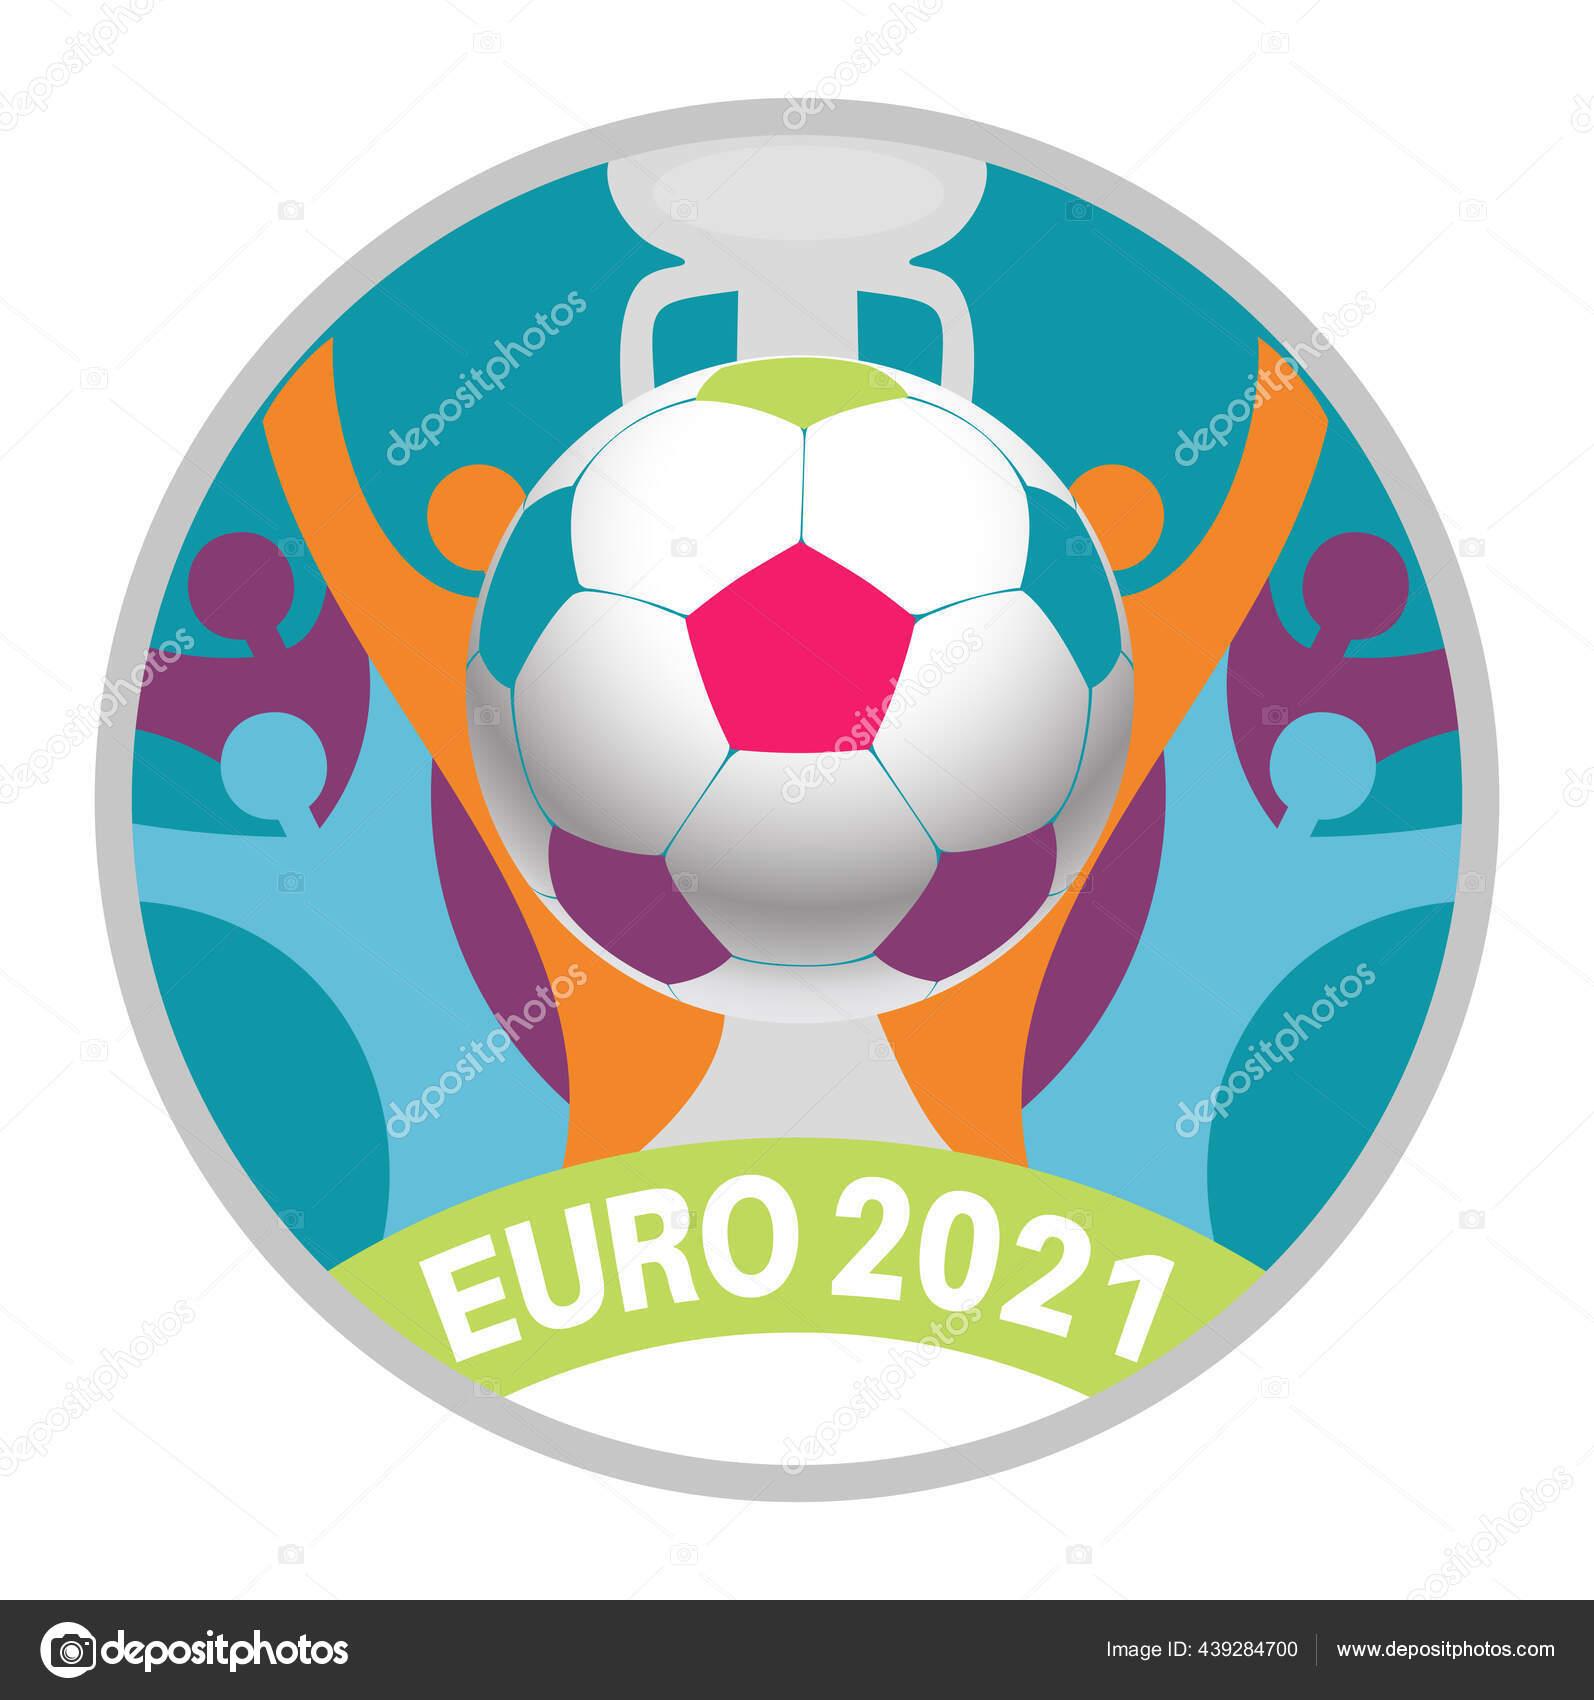 การแข ตบอลย 2020 โรย โรปถ กยกเล กและตอนน จะเล นในป 2021 — ภาพเวกเตอร์สต็อก  © urbanbuzz #439284700